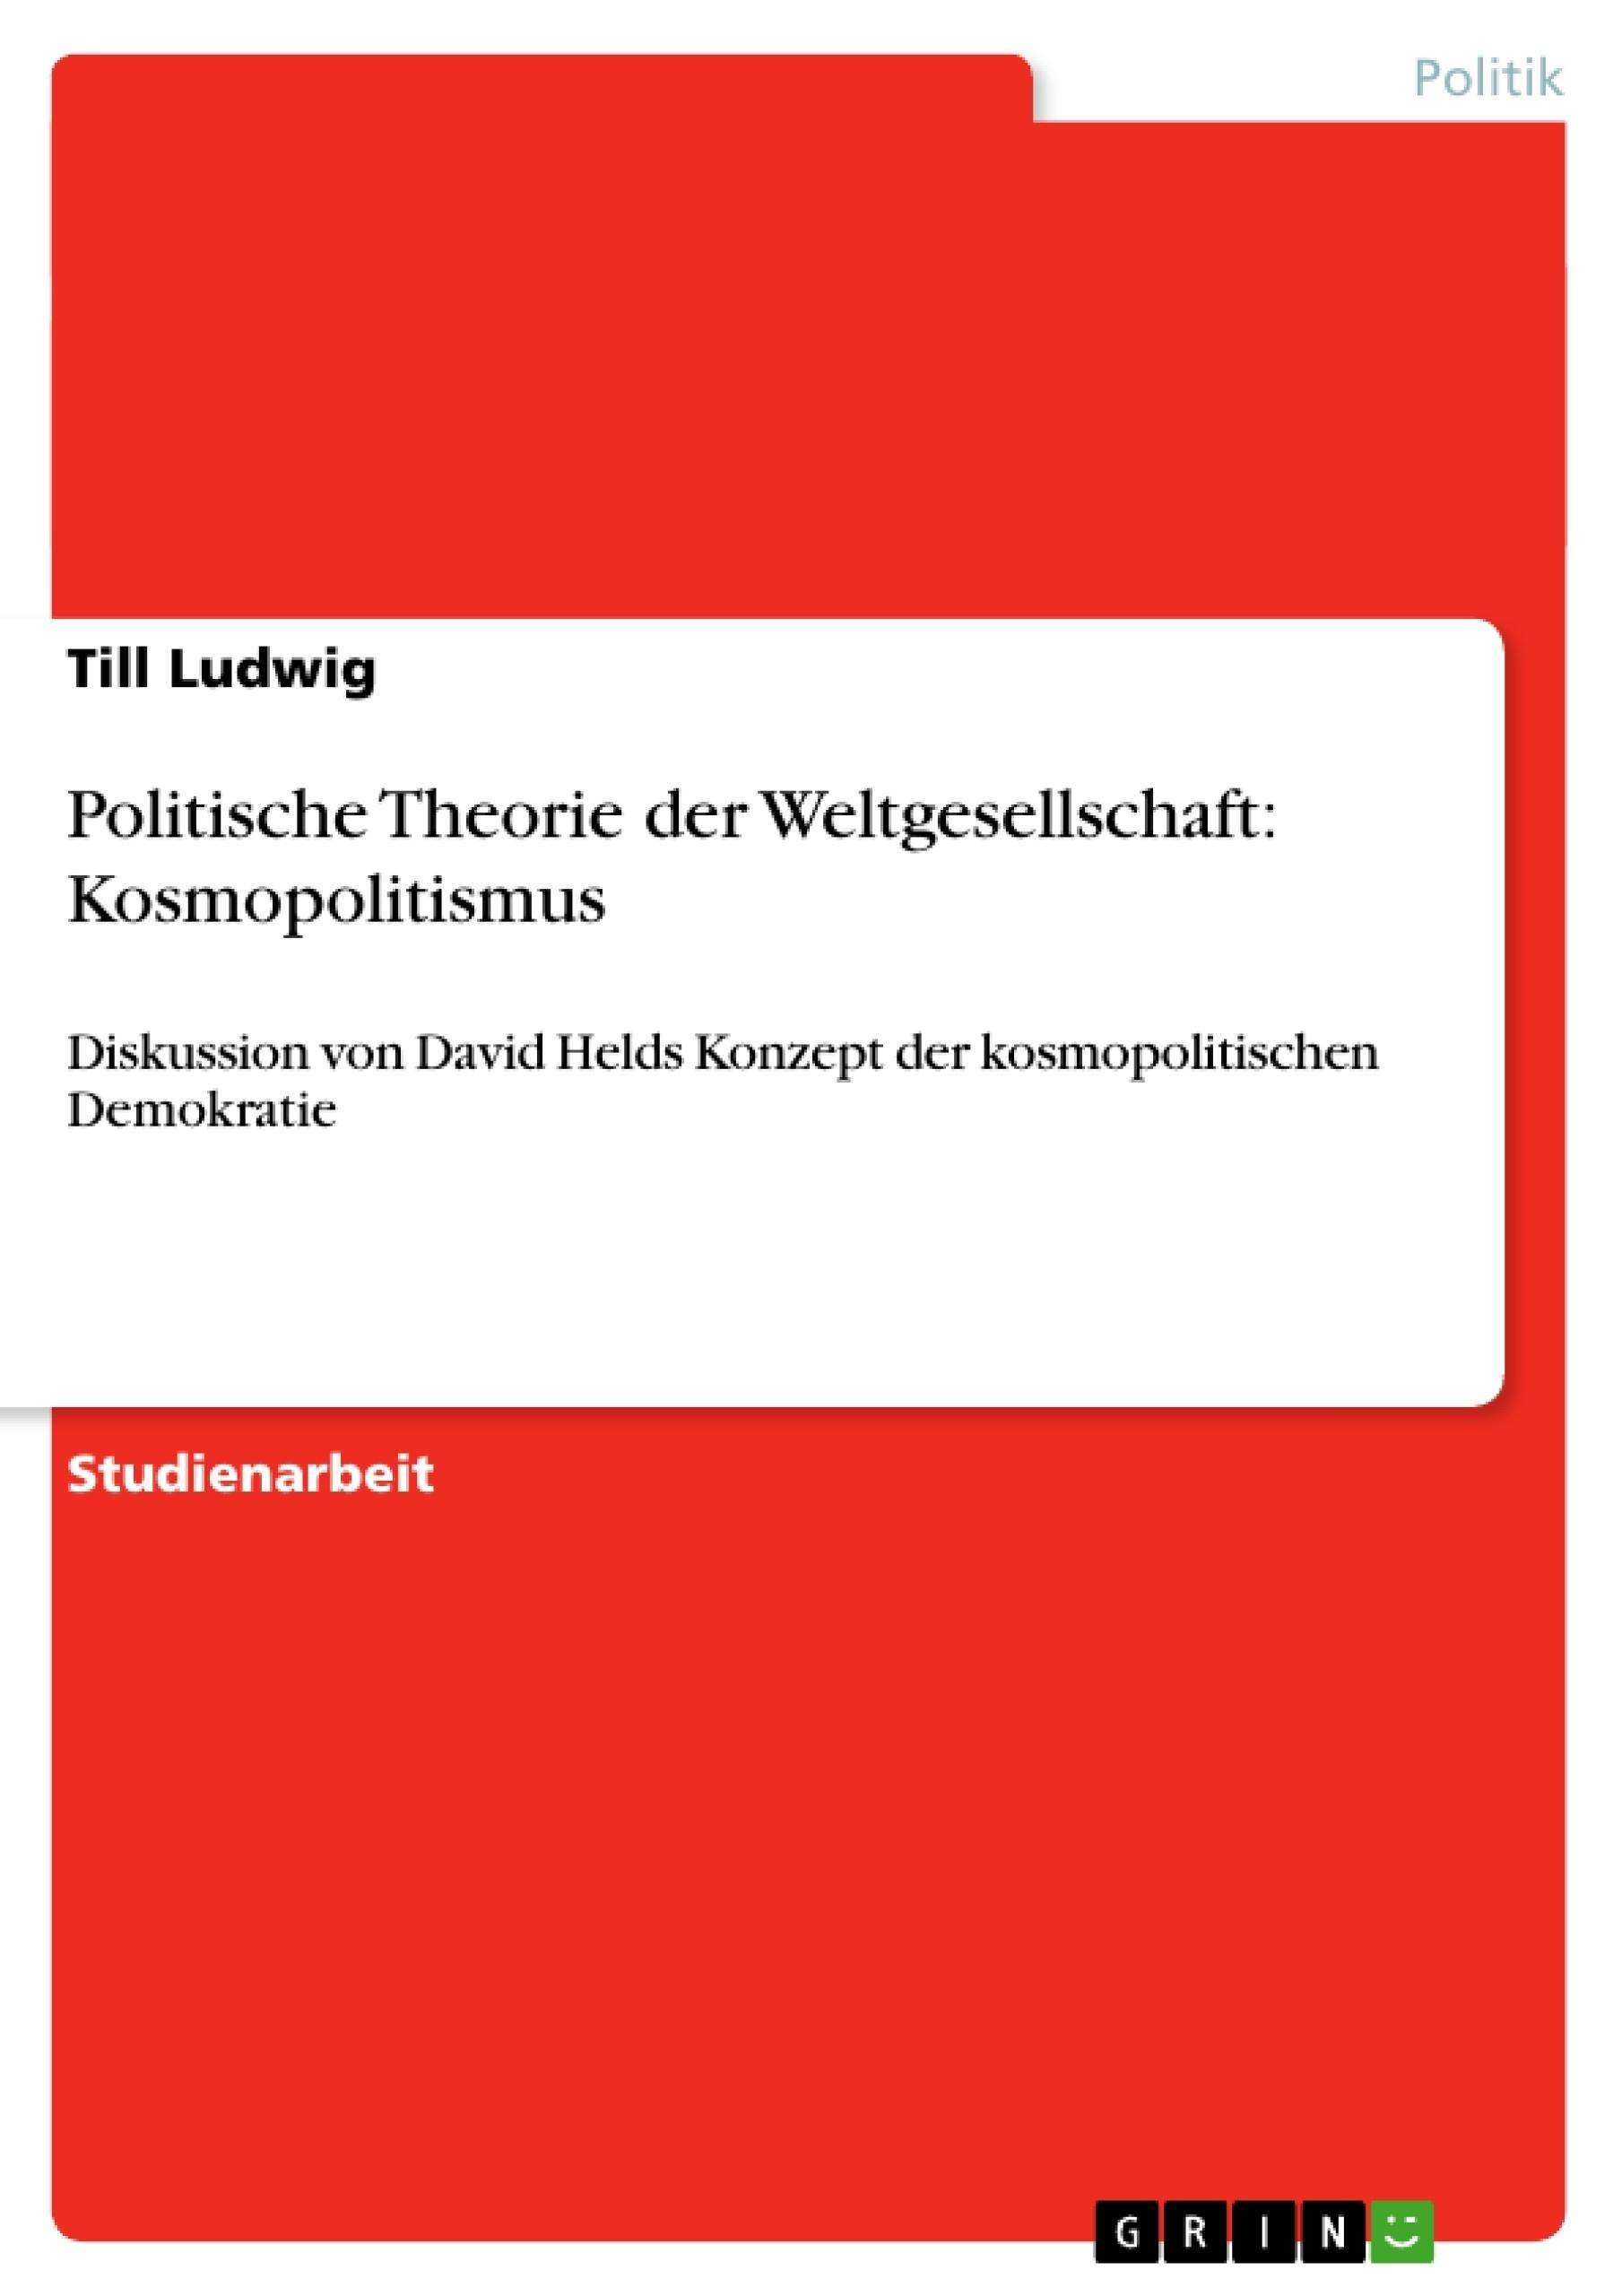 Titel: Politische Theorie der Weltgesellschaft: Kosmopolitismus